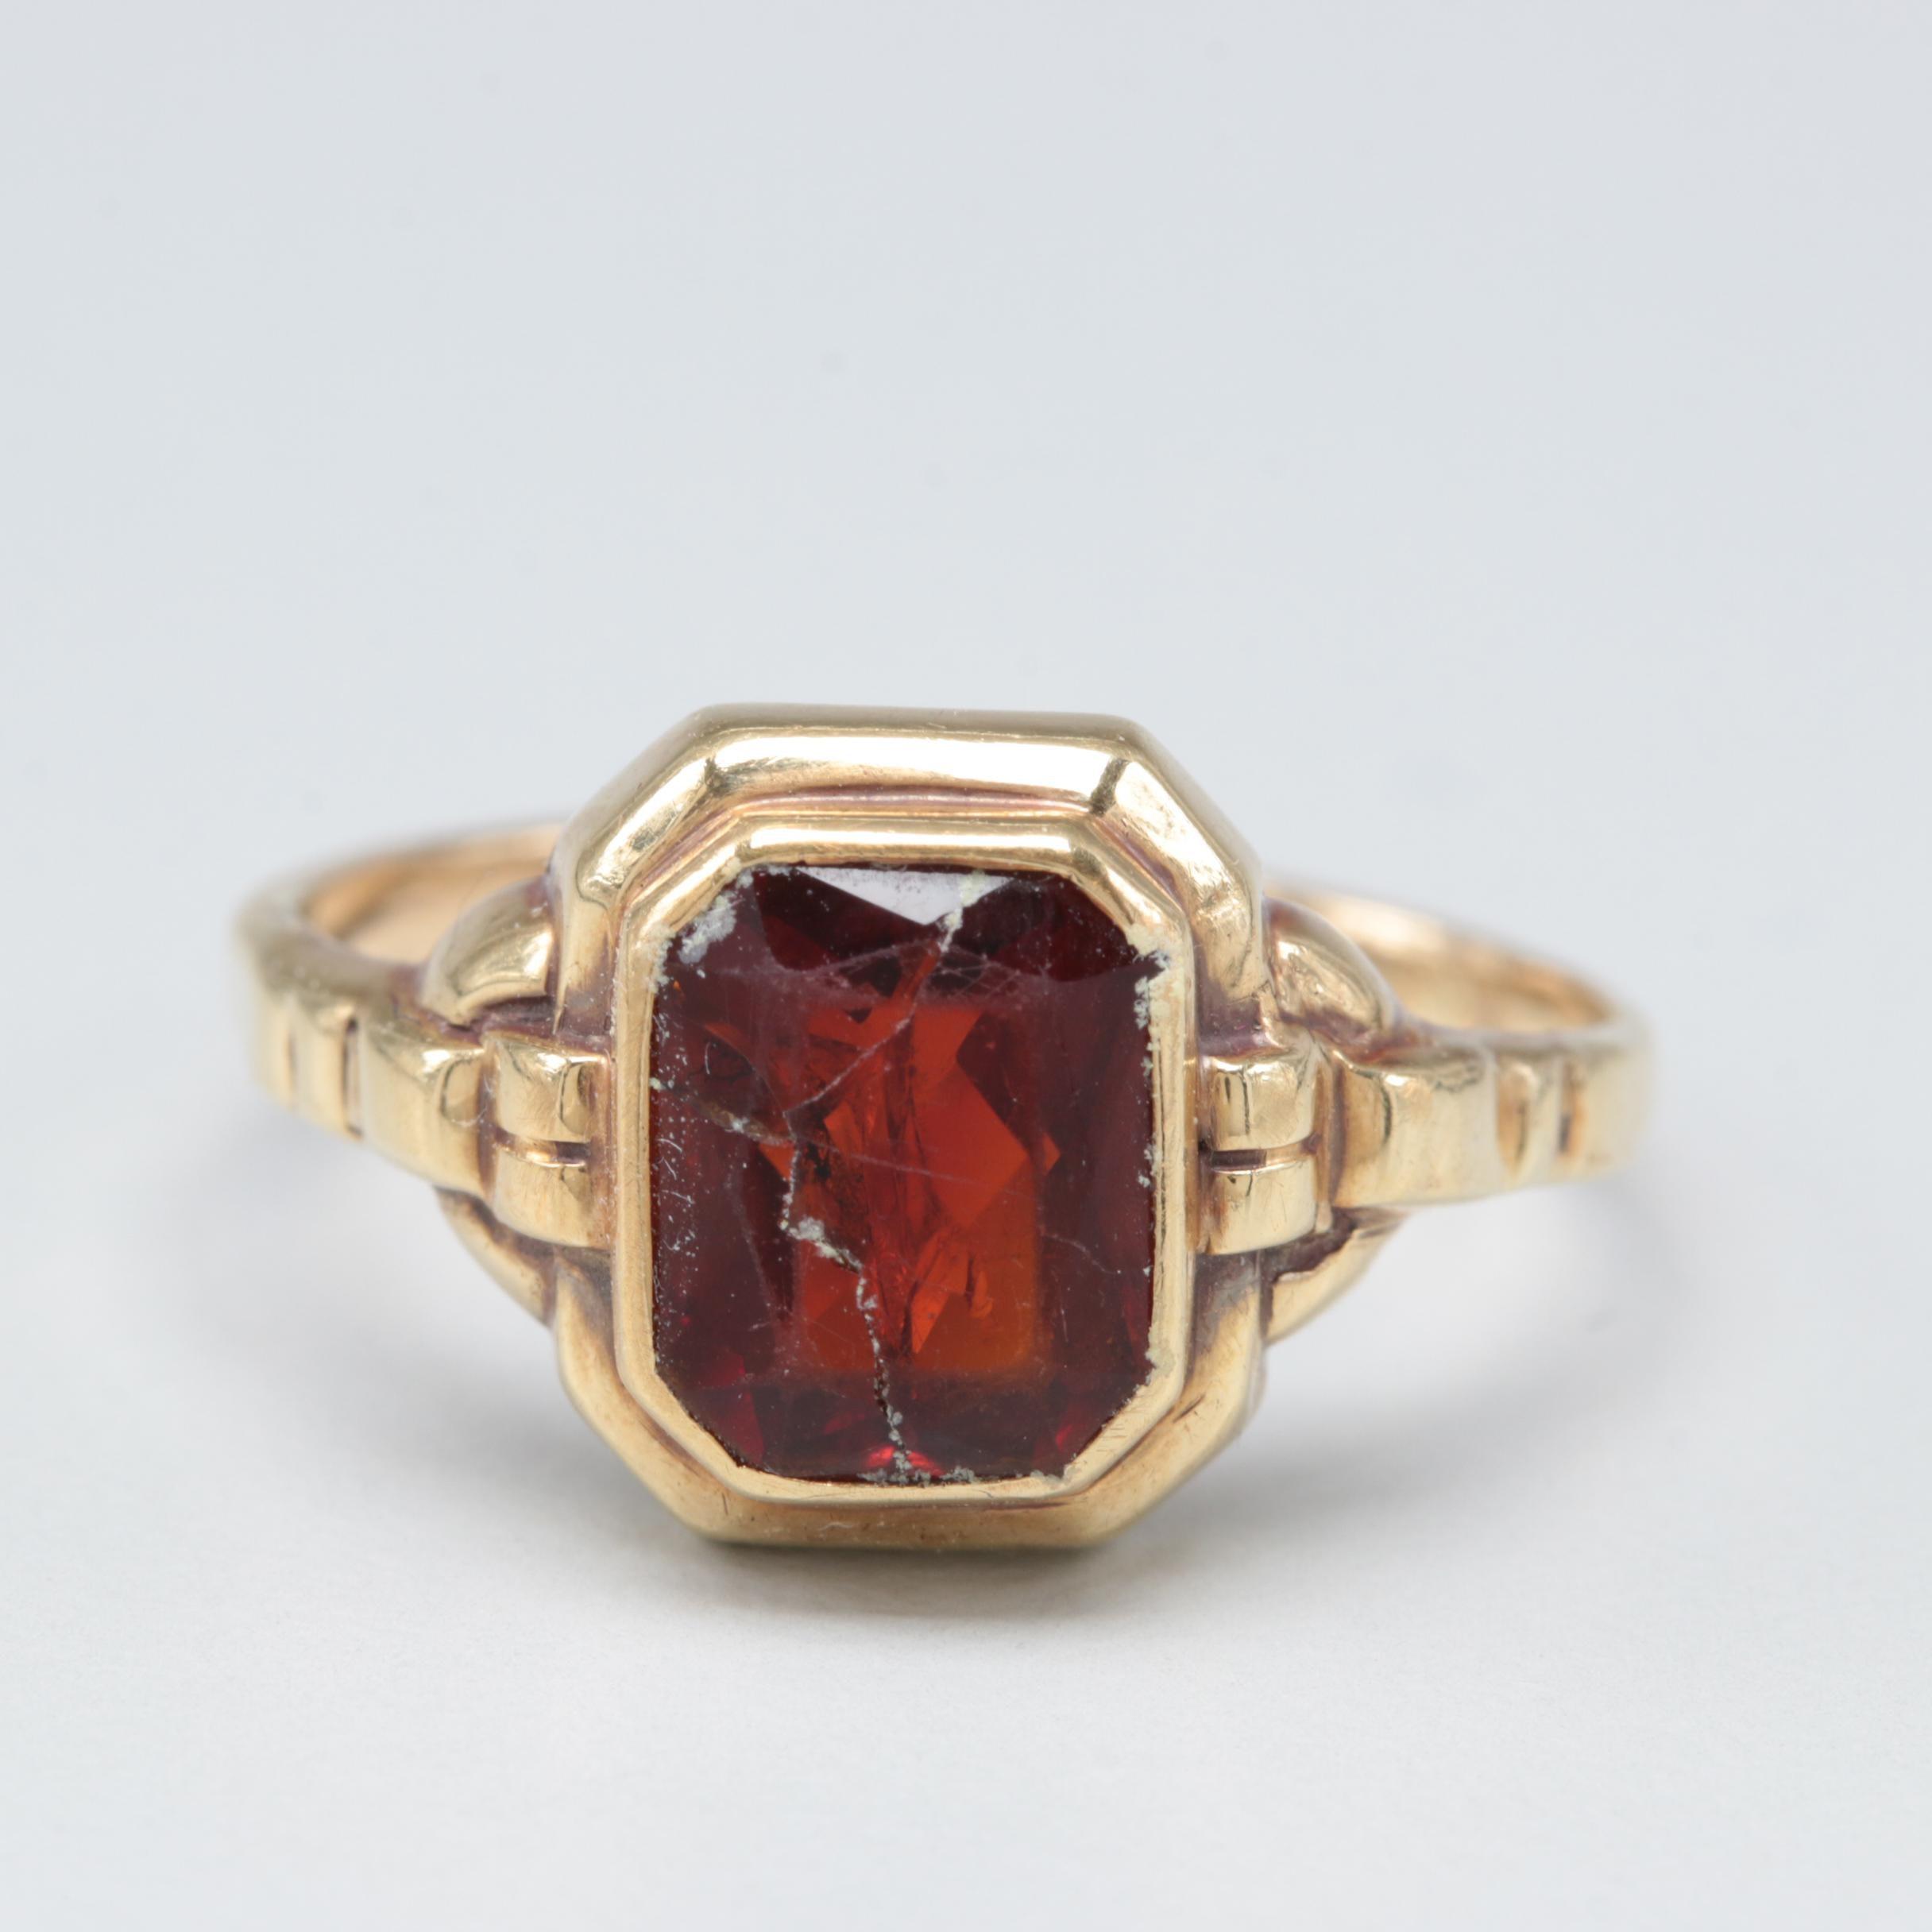 14K Yellow Gold Quartz Ring